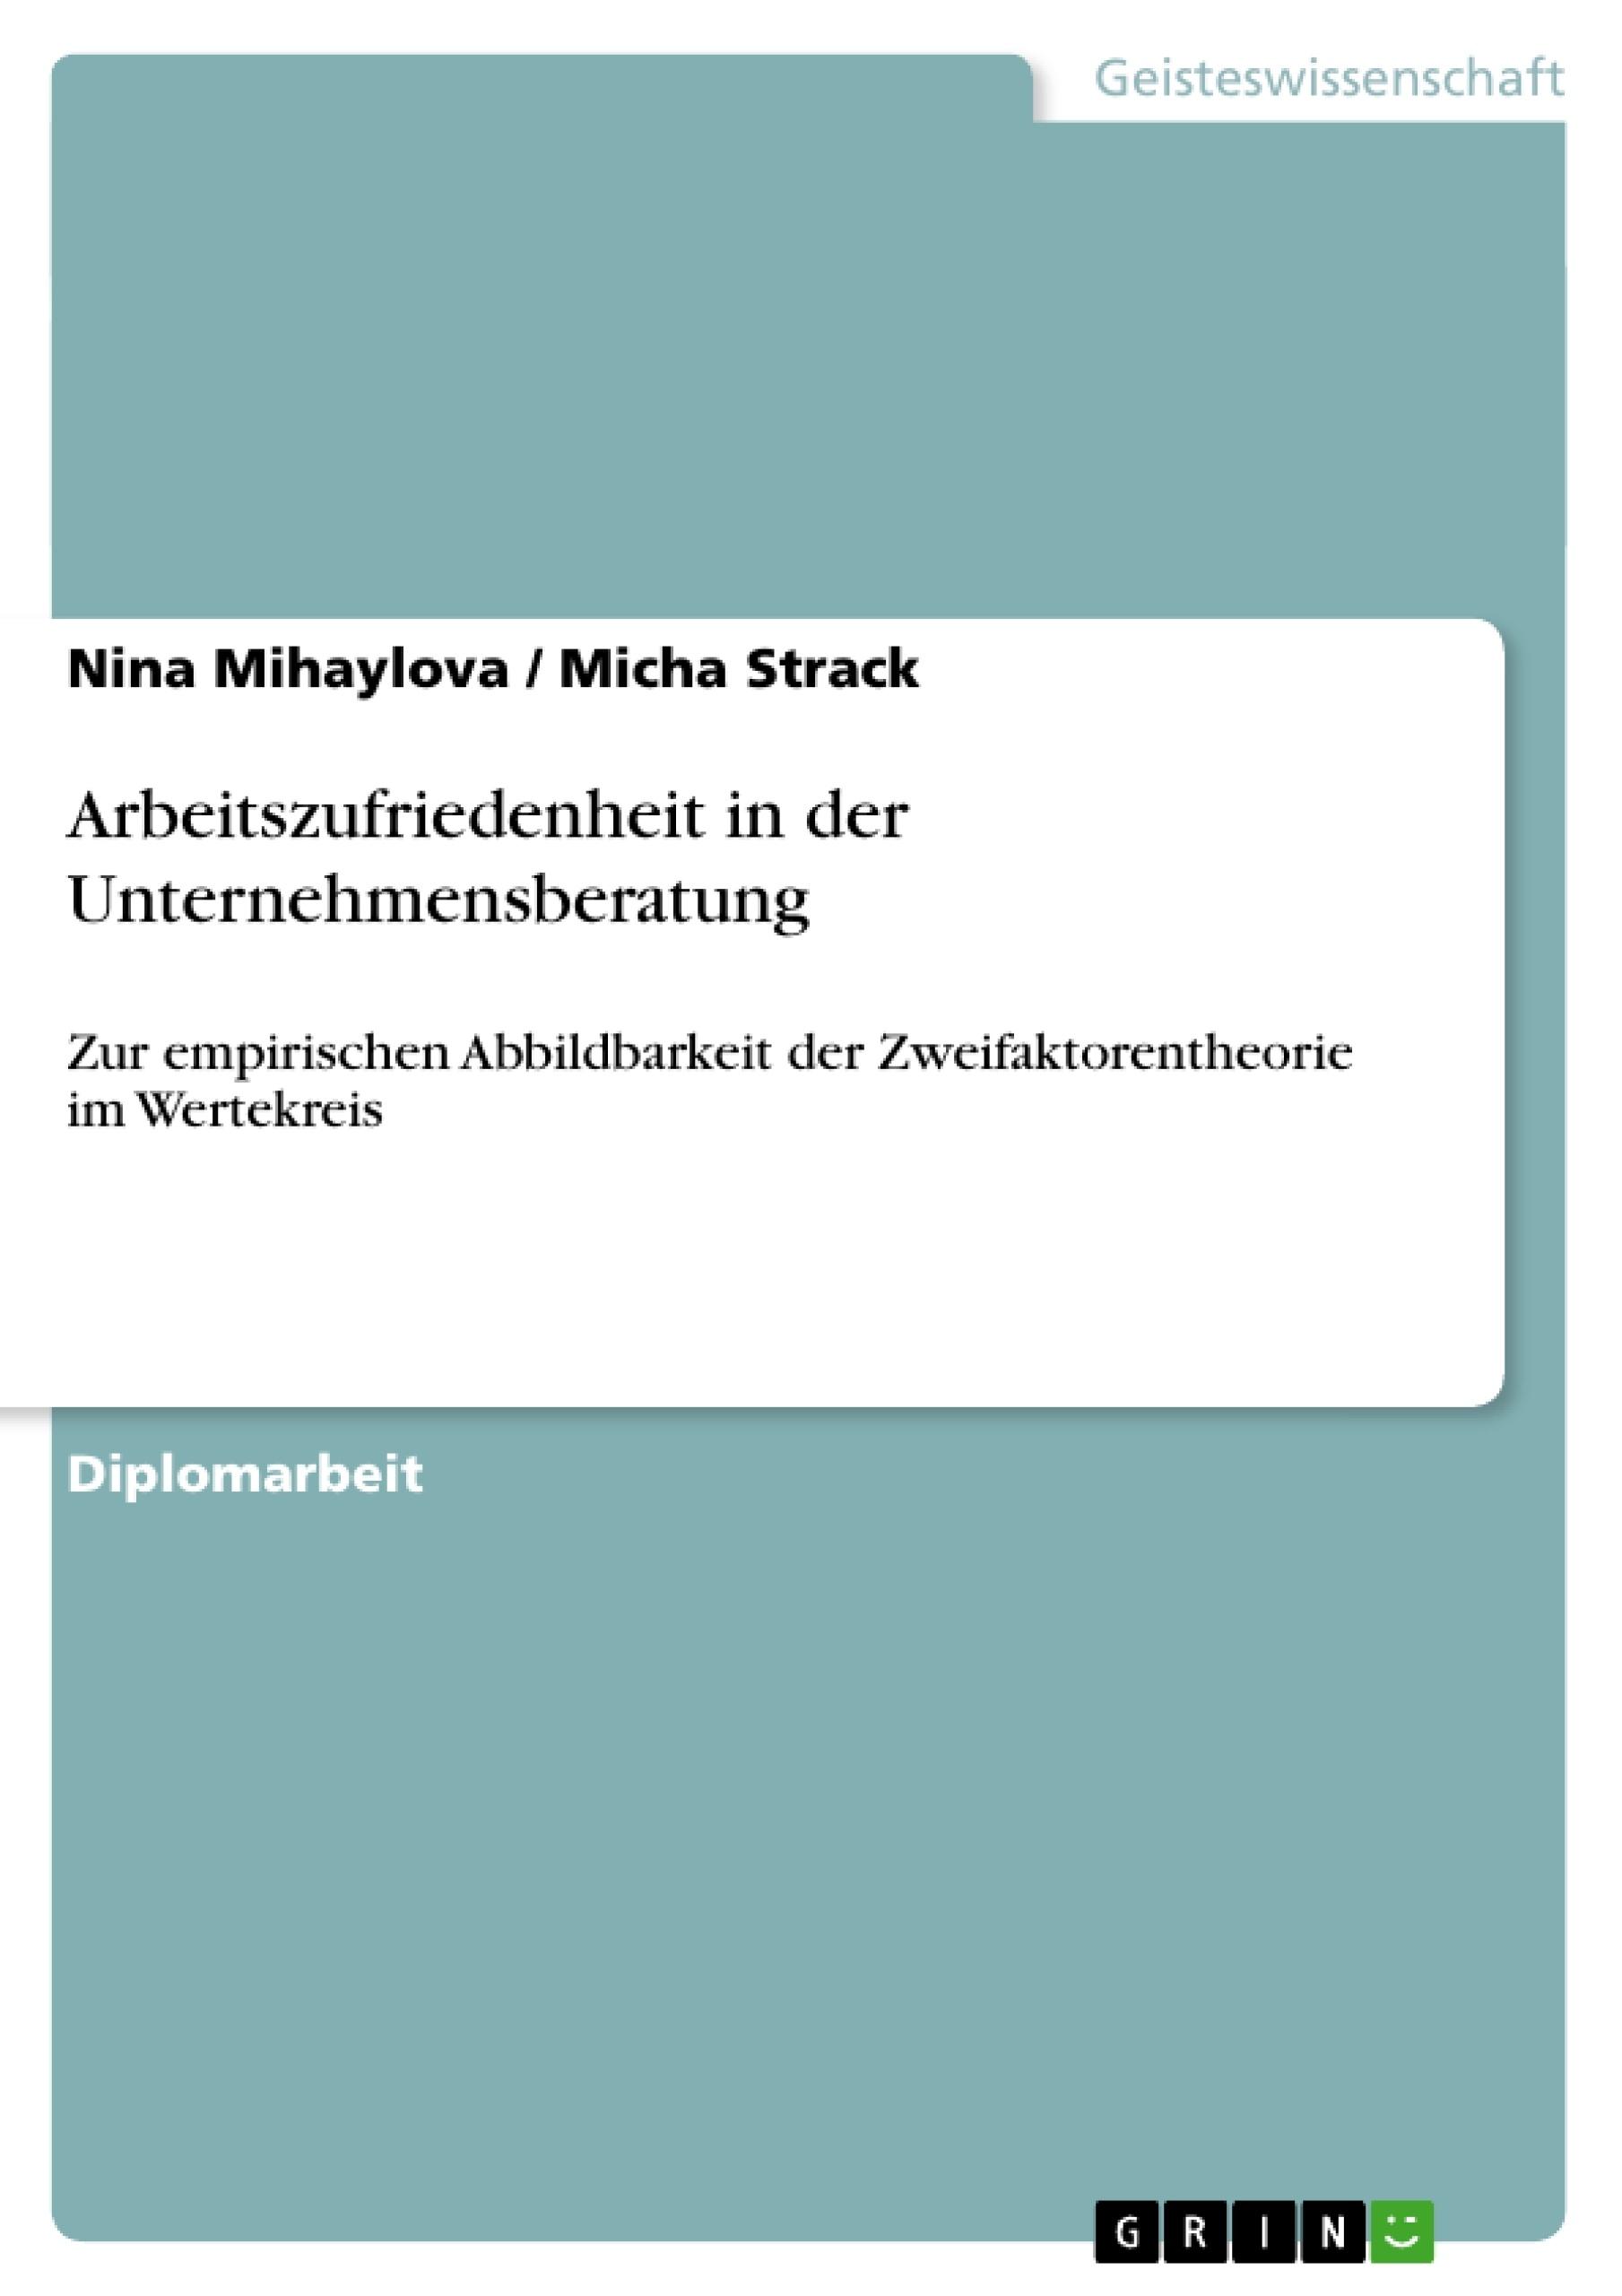 Titel: Arbeitszufriedenheit in der Unternehmensberatung